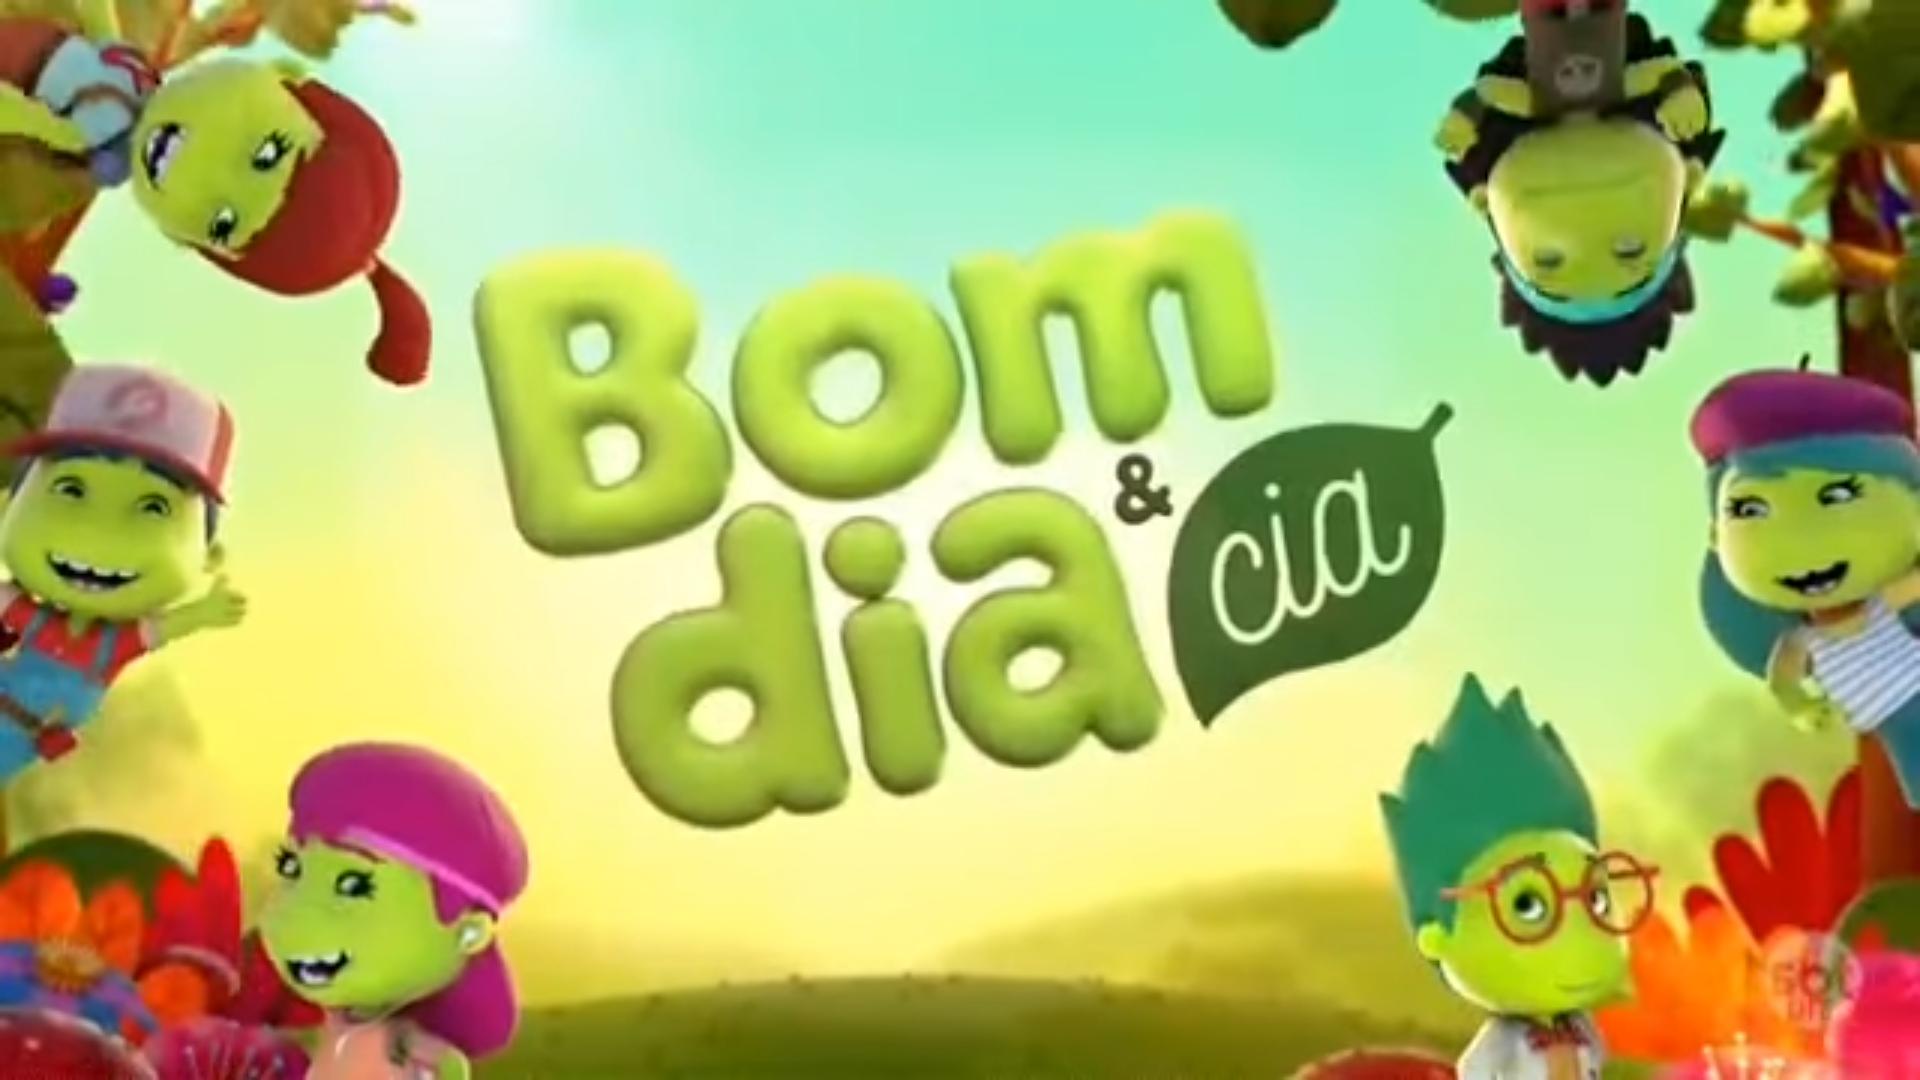 Bom Dia E Cia: Ex-apresentadora Do Bom Dia & Cia Choca Ao Virar Vendedora